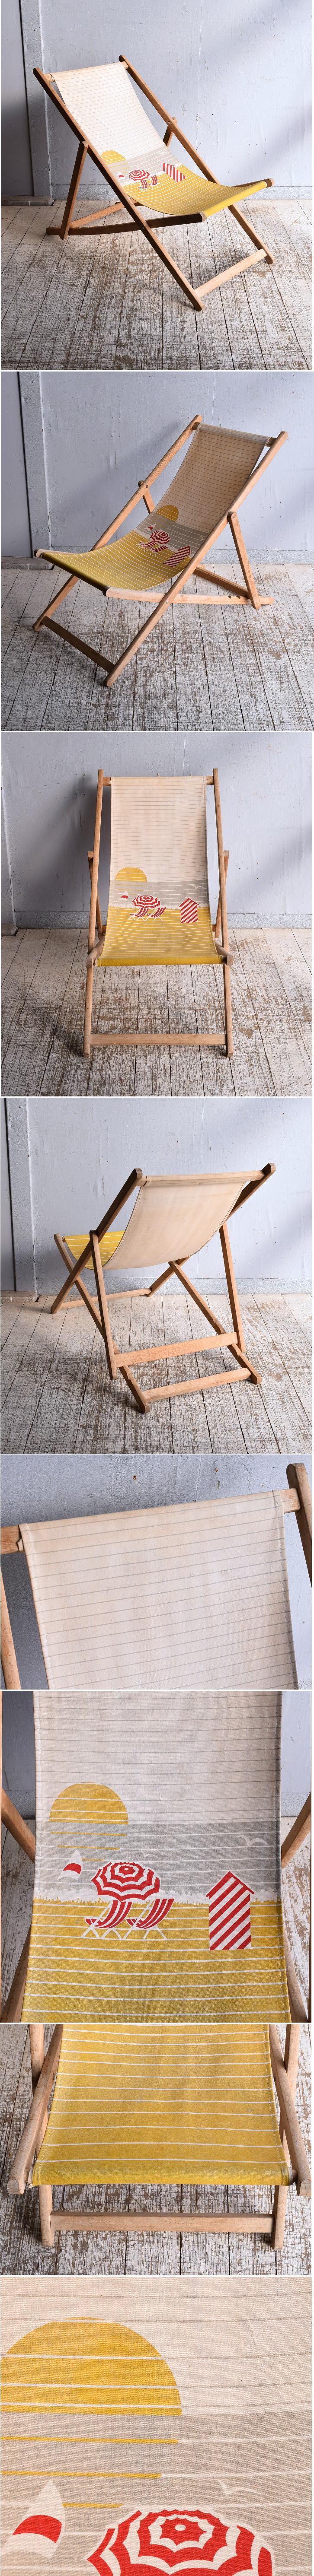 イギリス アンティーク フォールディングデッキチェア 椅子 9270